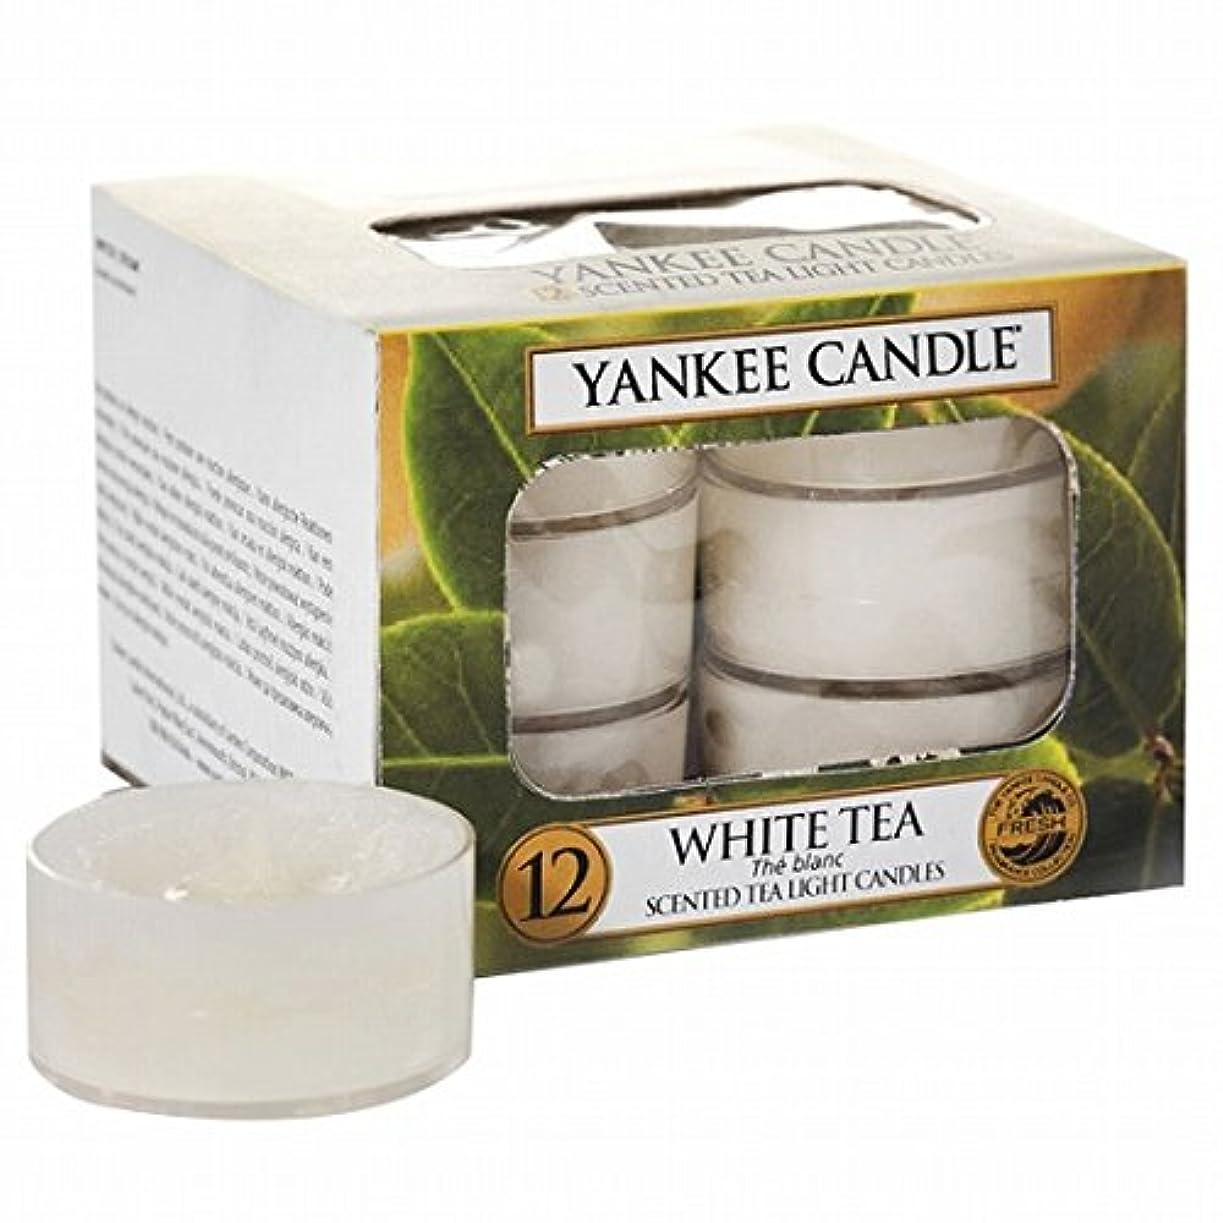 電卓削除する将来のヤンキーキャンドル(YANKEE CANDLE) YANKEE CANDLE クリアカップティーライト12個入り 「ホワイトティー」